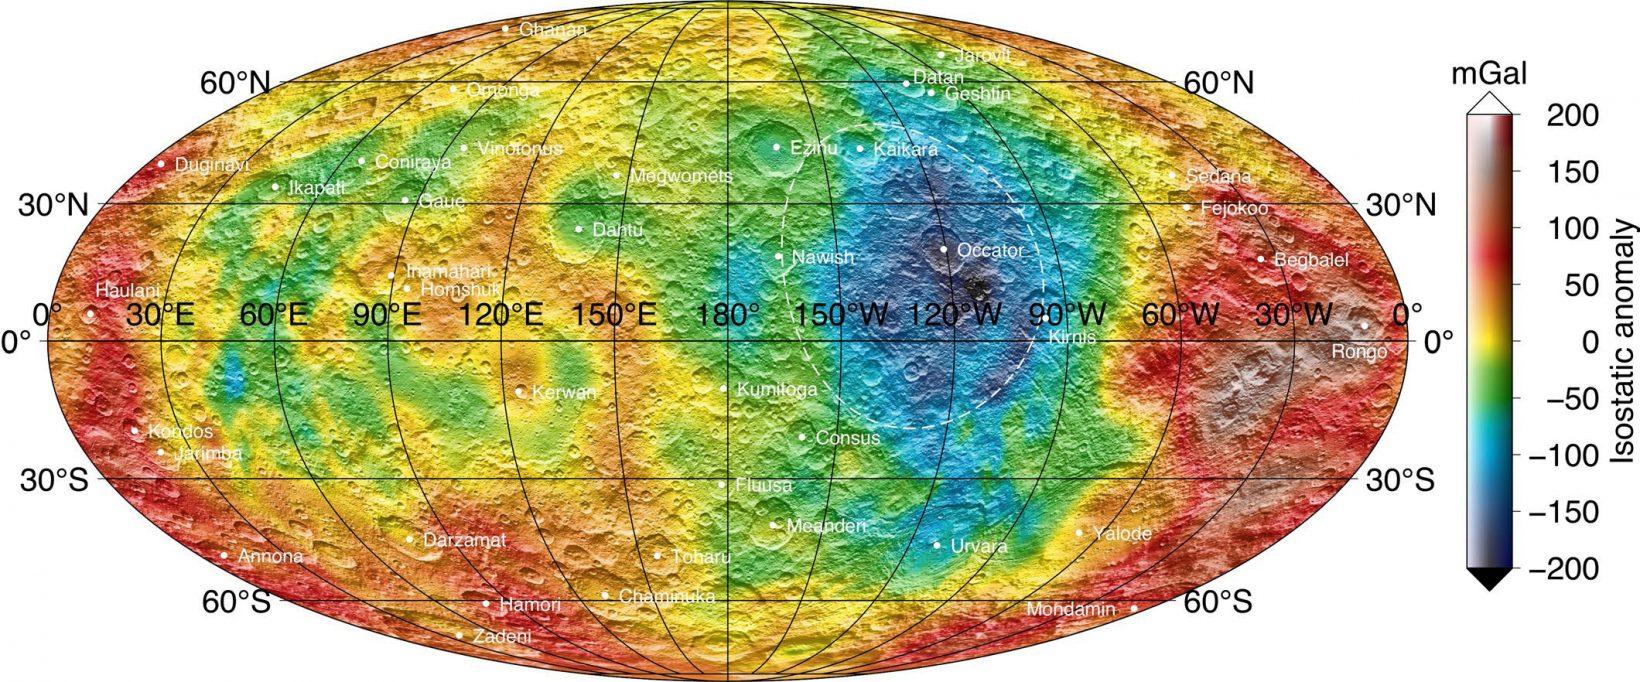 Ceres isostatic gravity anomalies